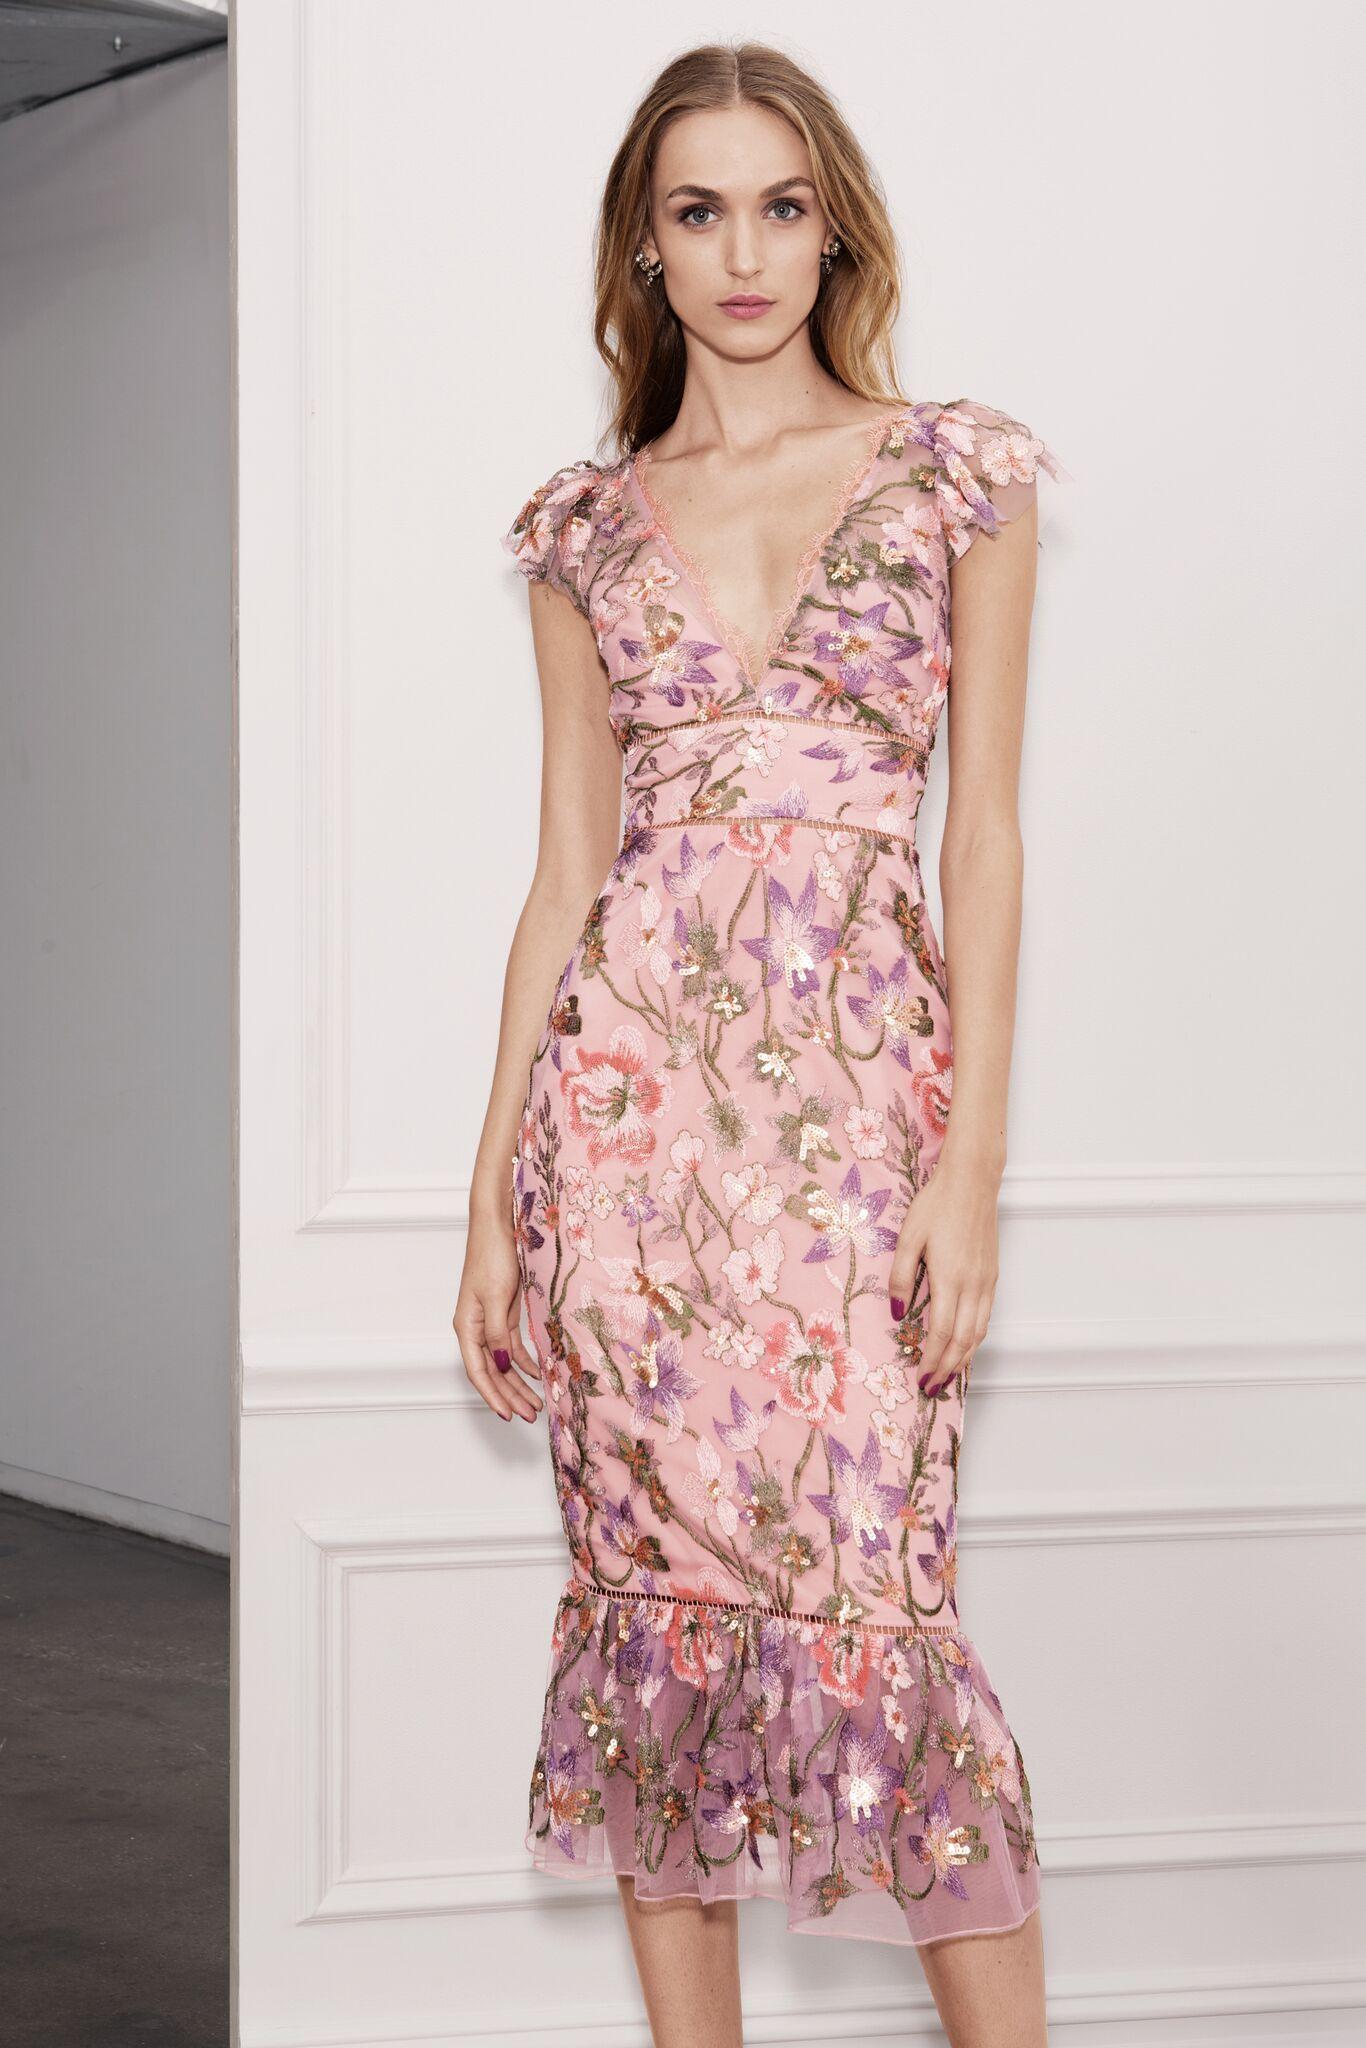 Bonito Vestidos Simples Y Elegantes De La Boda Imágenes - Colección ...